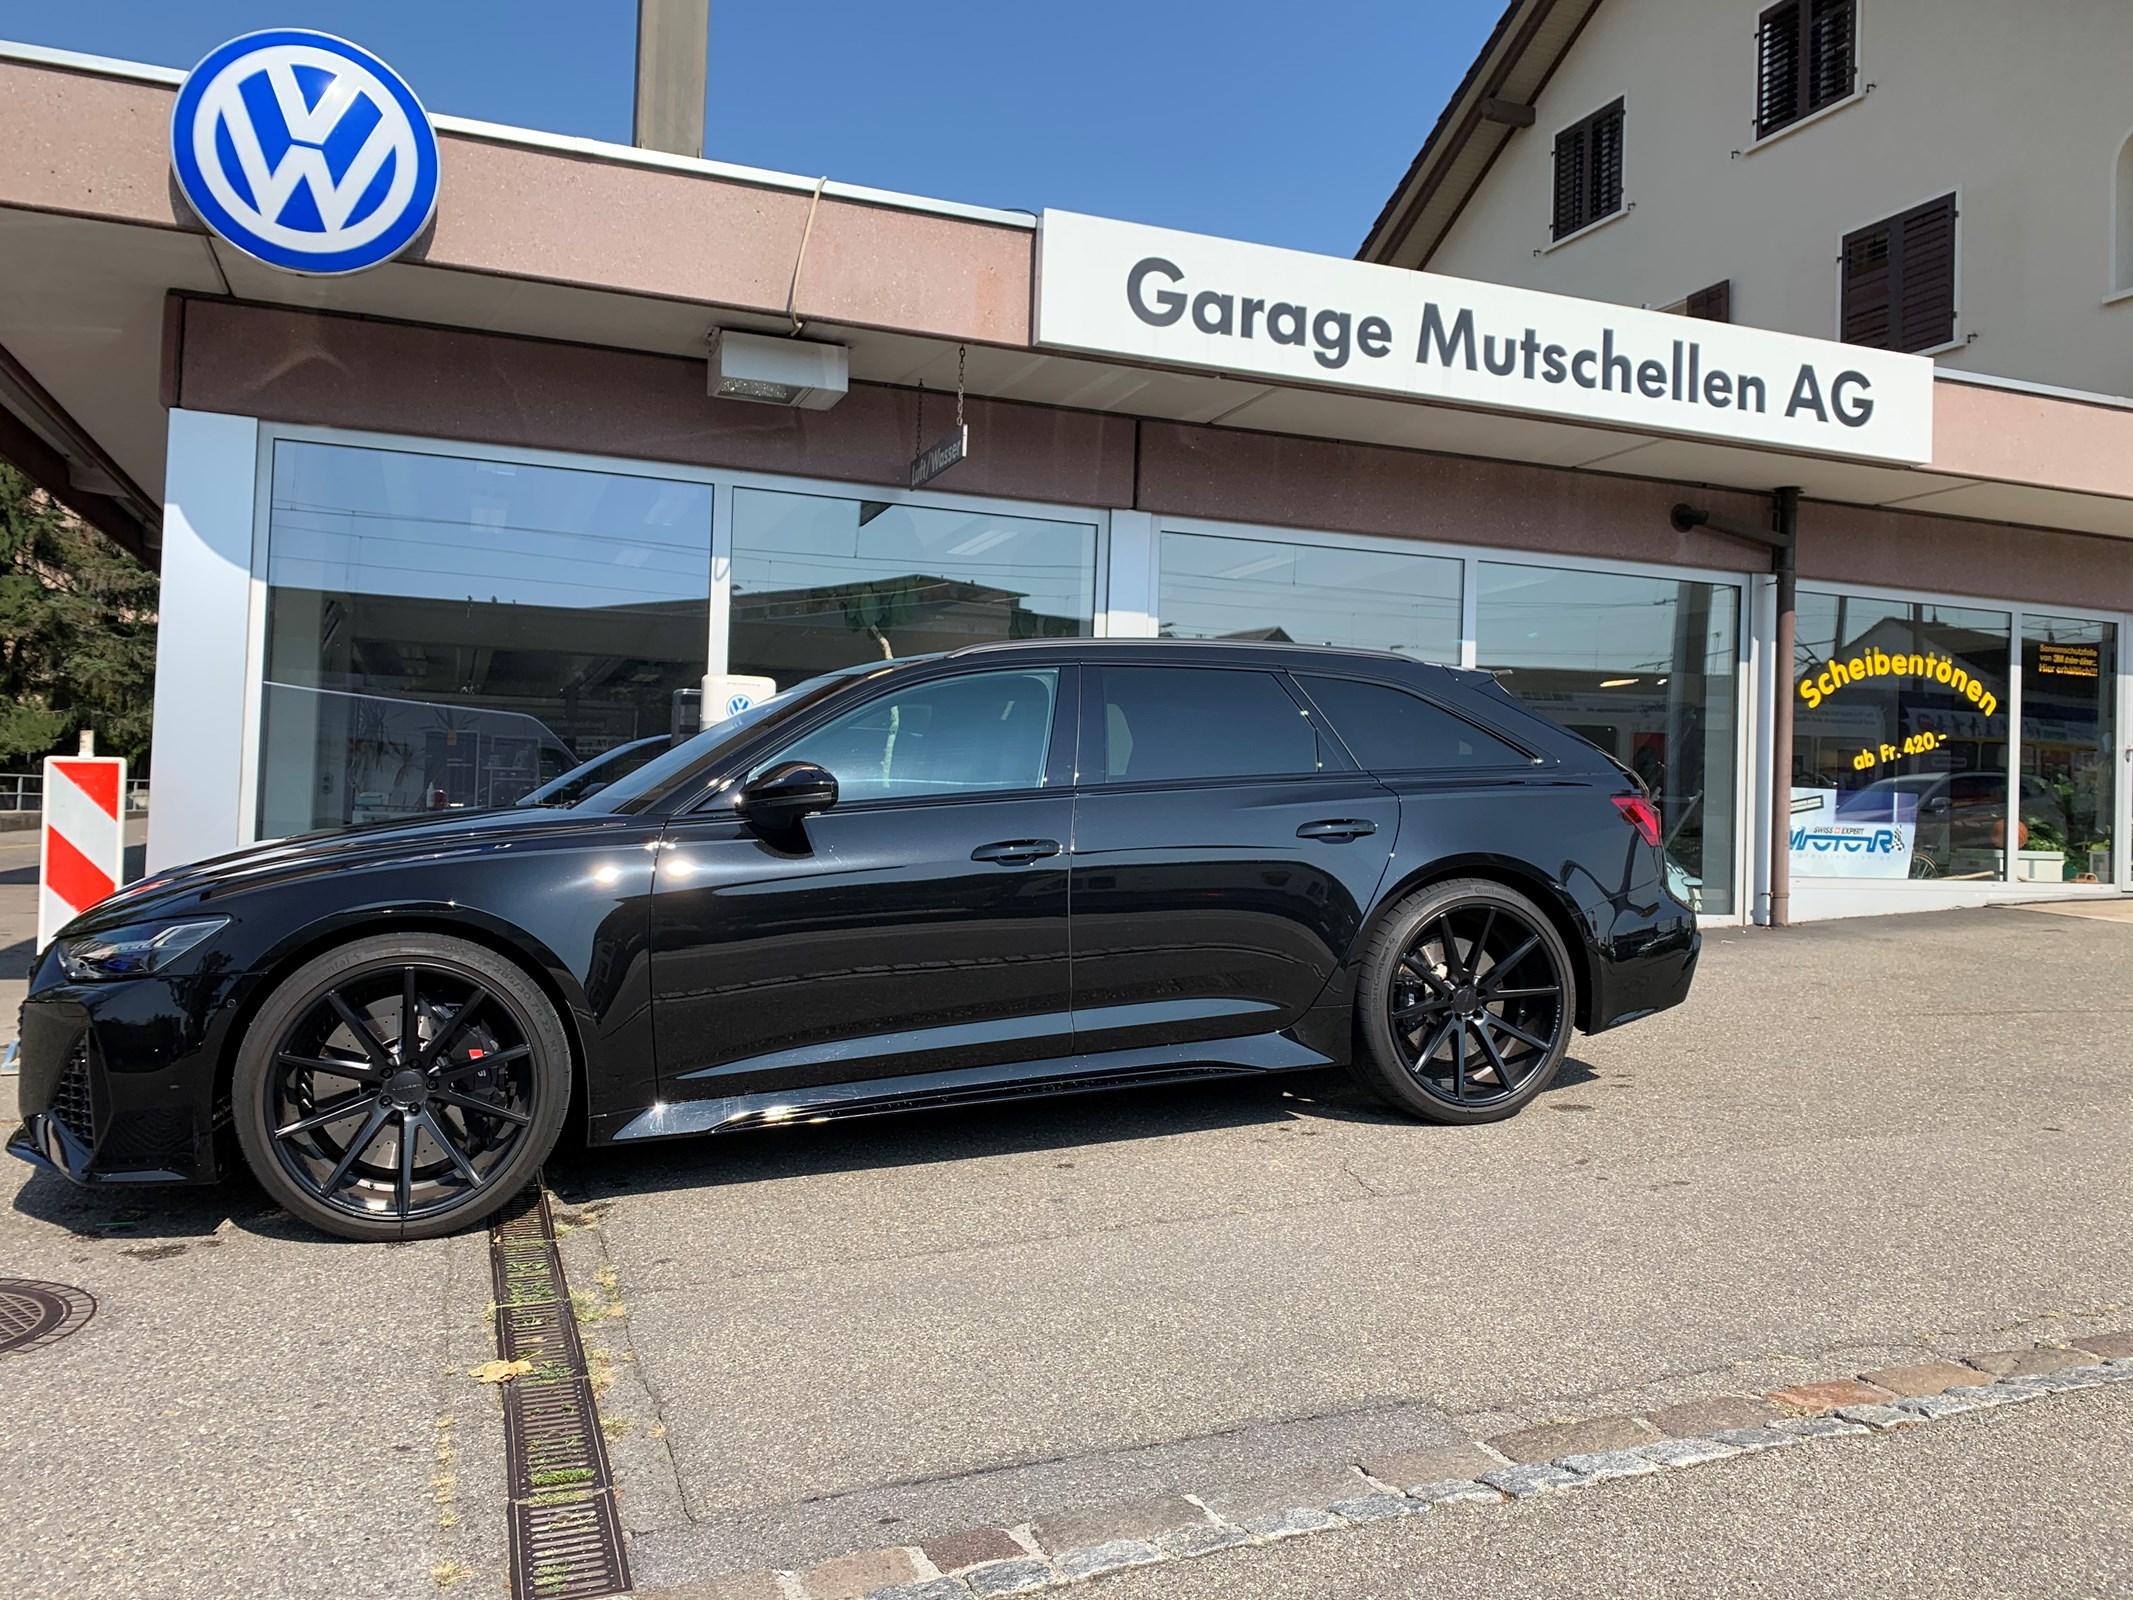 estate Audi RS6 Avant 4.0 TFSI V8 quattro All-Black600PS CH-Auto Werksgarantie bis 2023 mit Vossen 22-Zoll